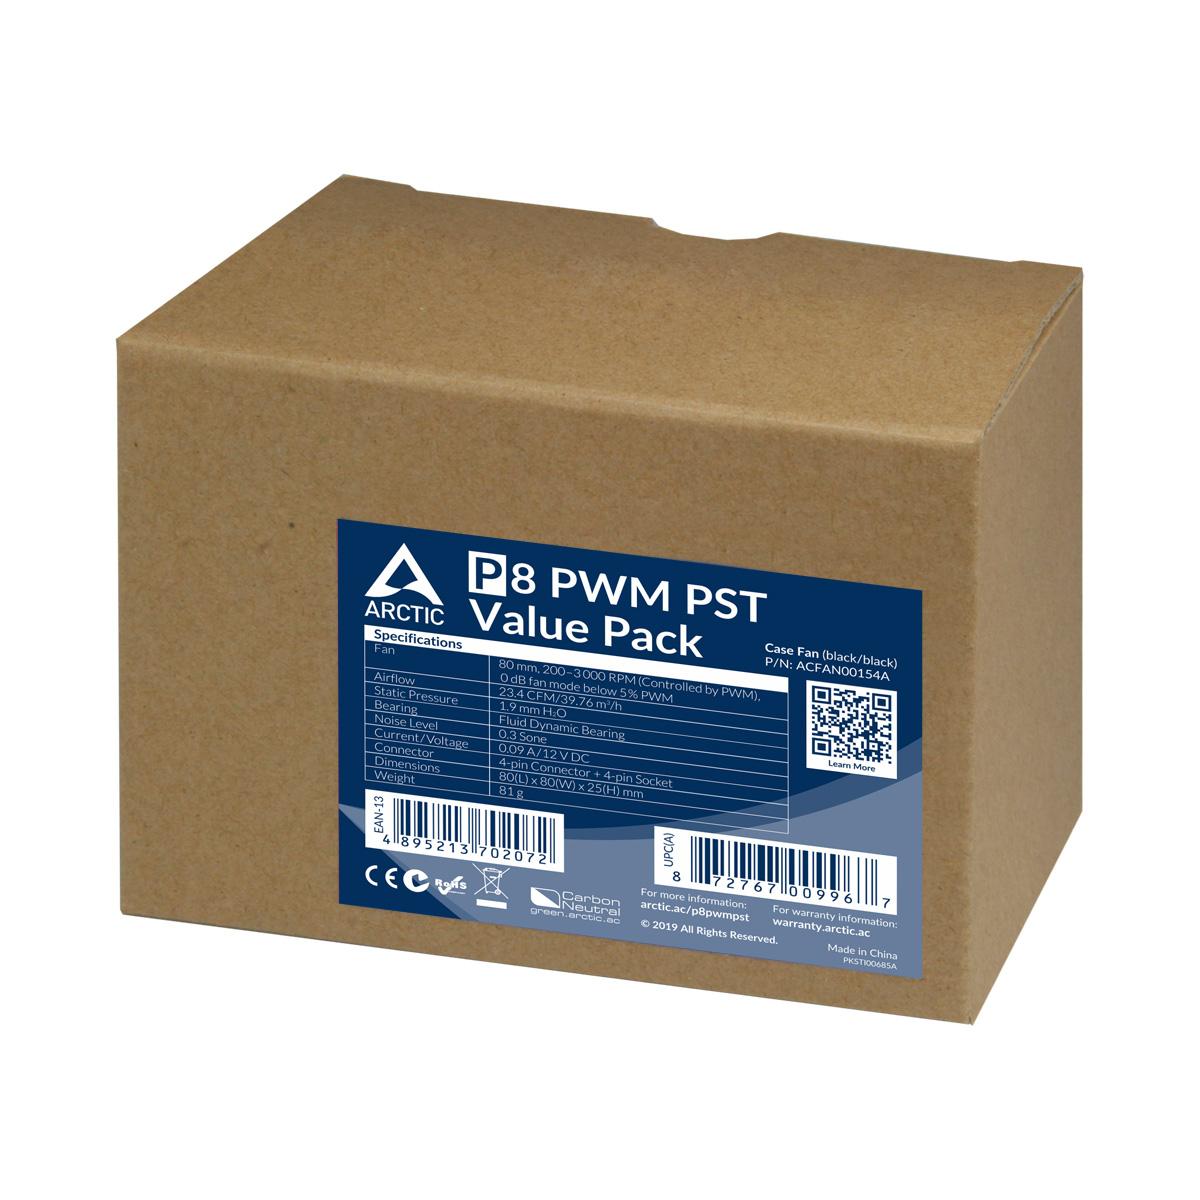 P8 PWM PST